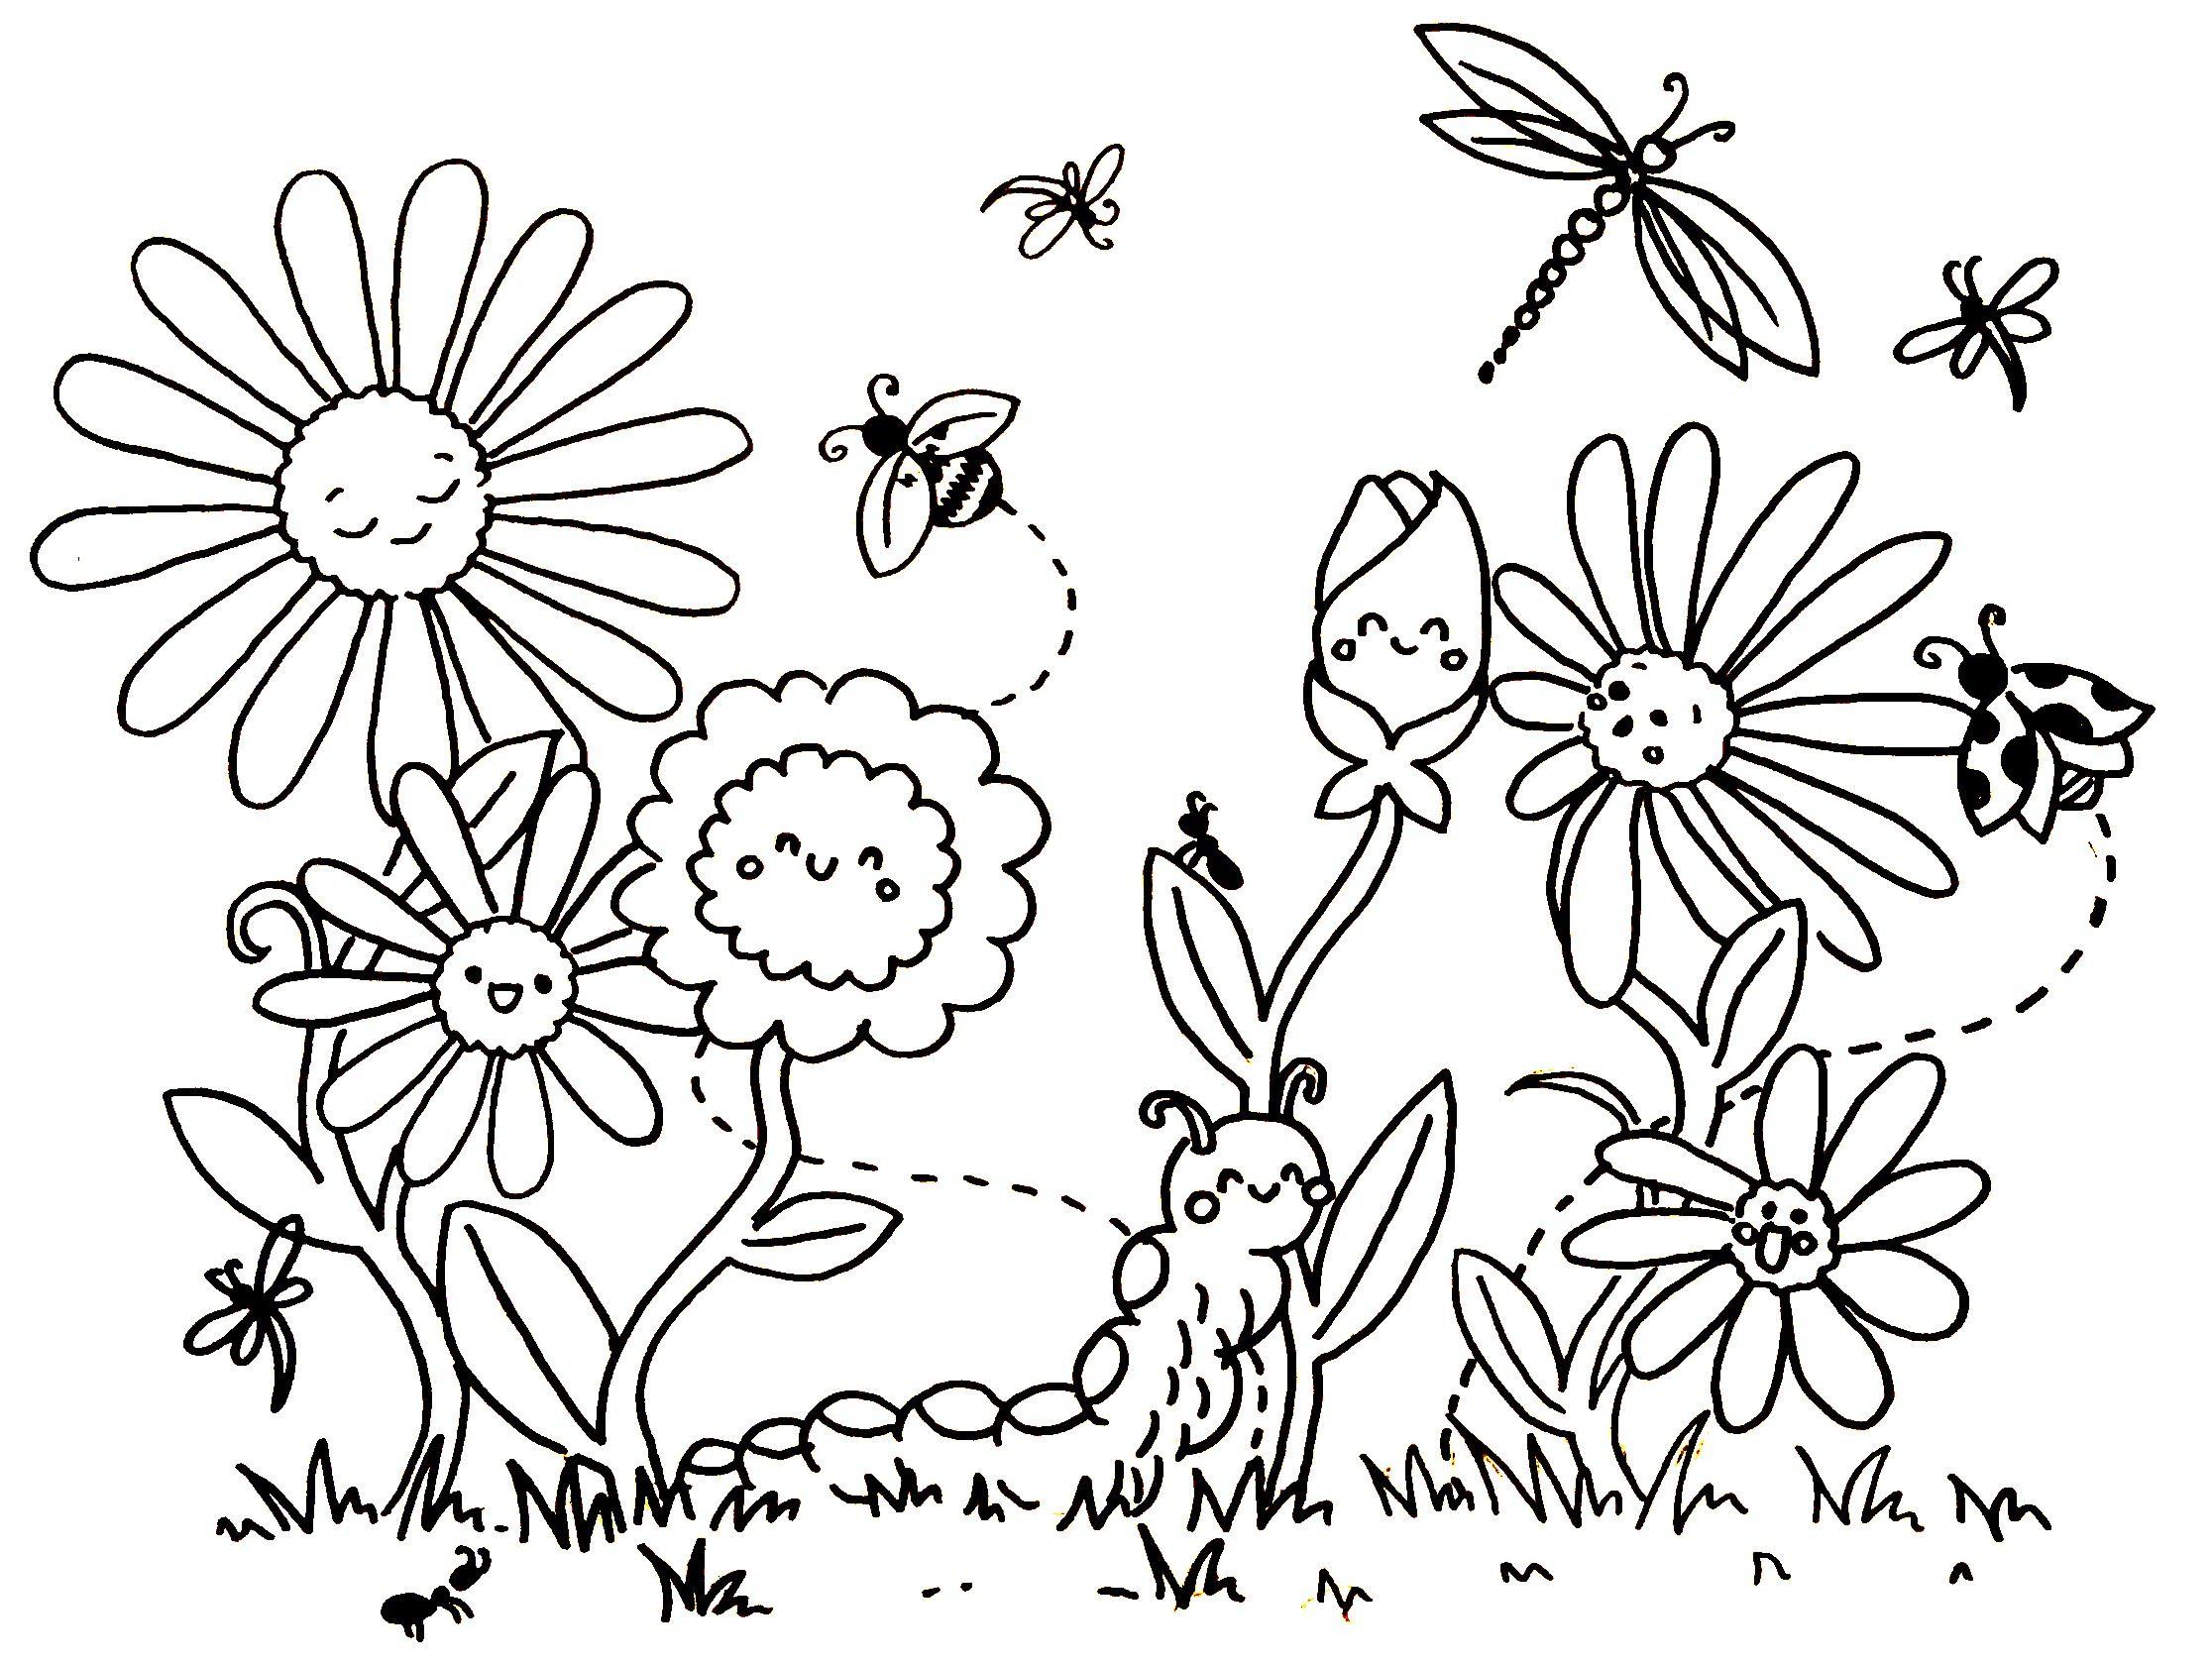 Frühling | Blumen ausmalen, Ausmalbilder, Ausmalbilder ...